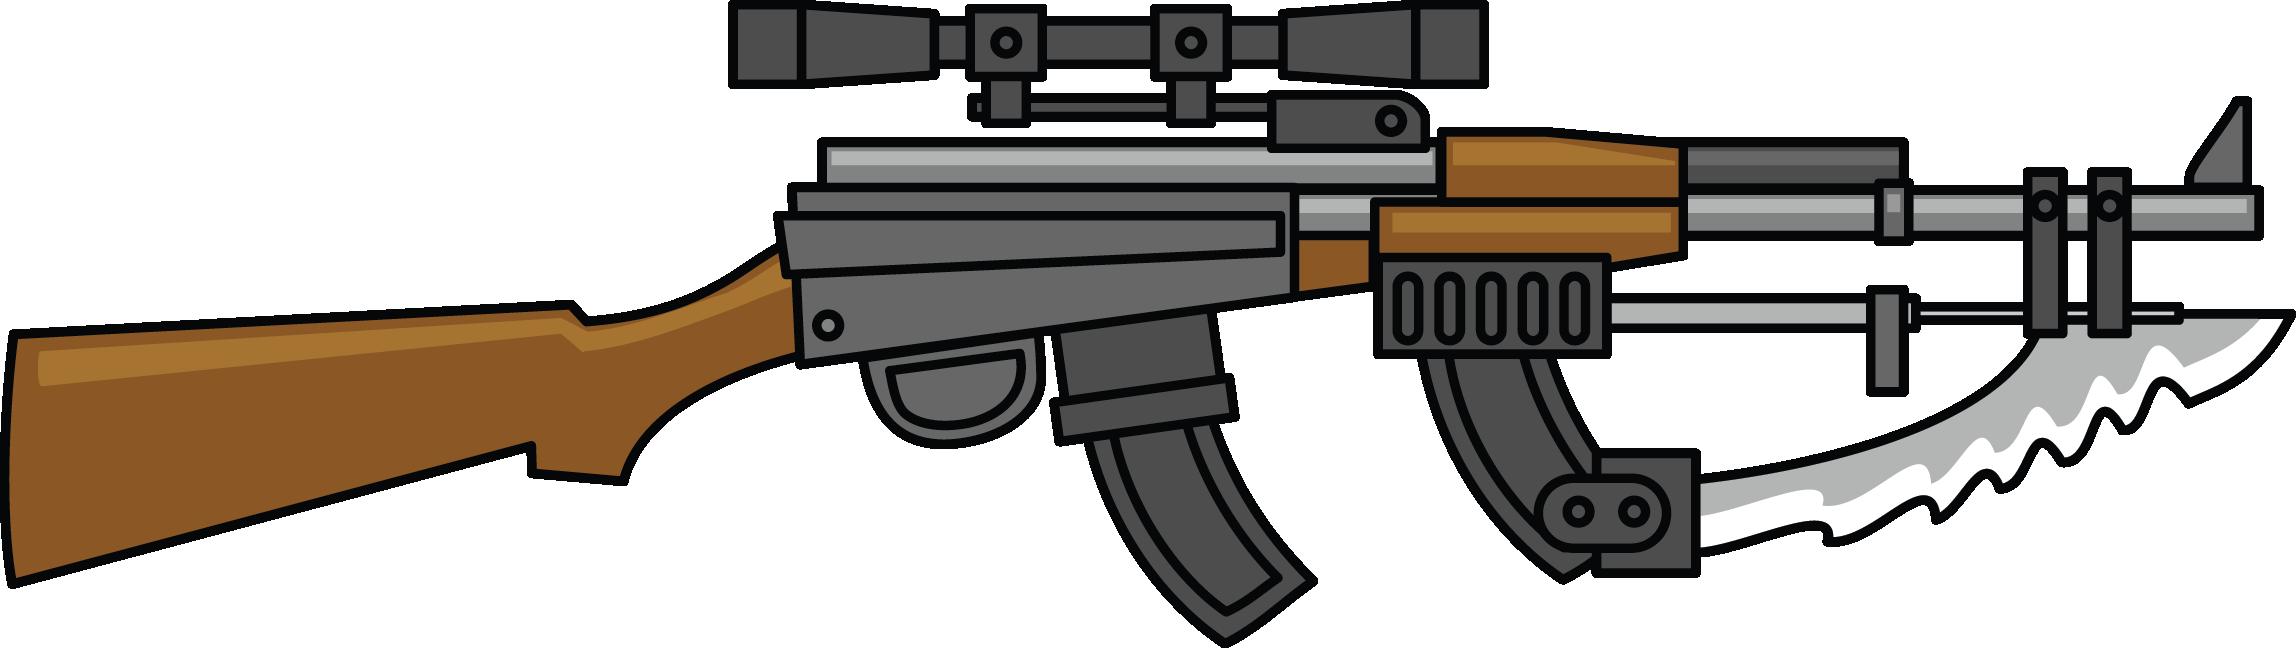 Gun clipart #5, Download drawings